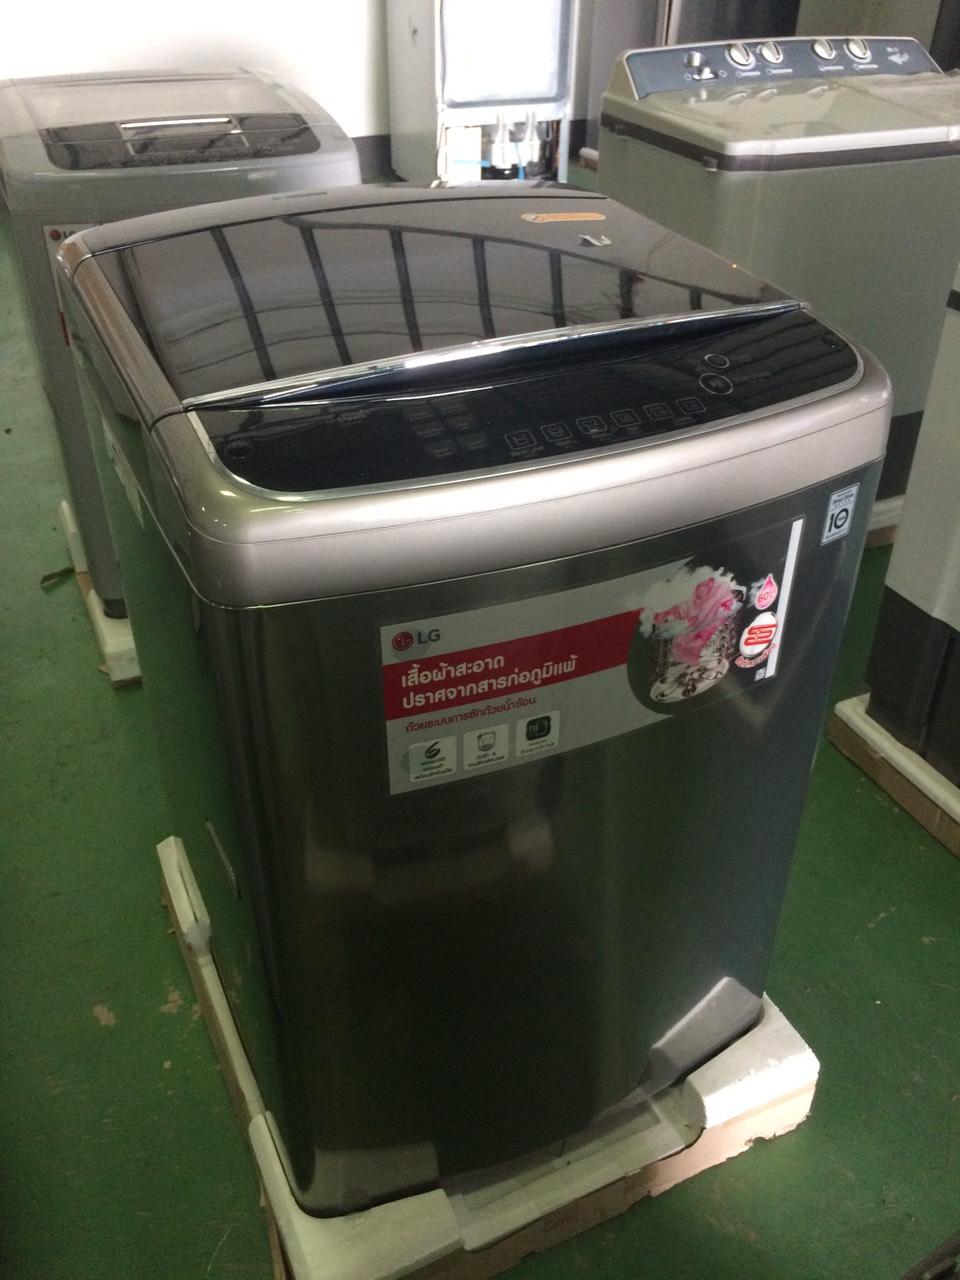 เครื่องซักผ้าฝาบนLG ระบบ 6 MOTION INVERTER DIRECT DRIVE ขนาดซัก 17 KG รุ่นWT-S1785TH